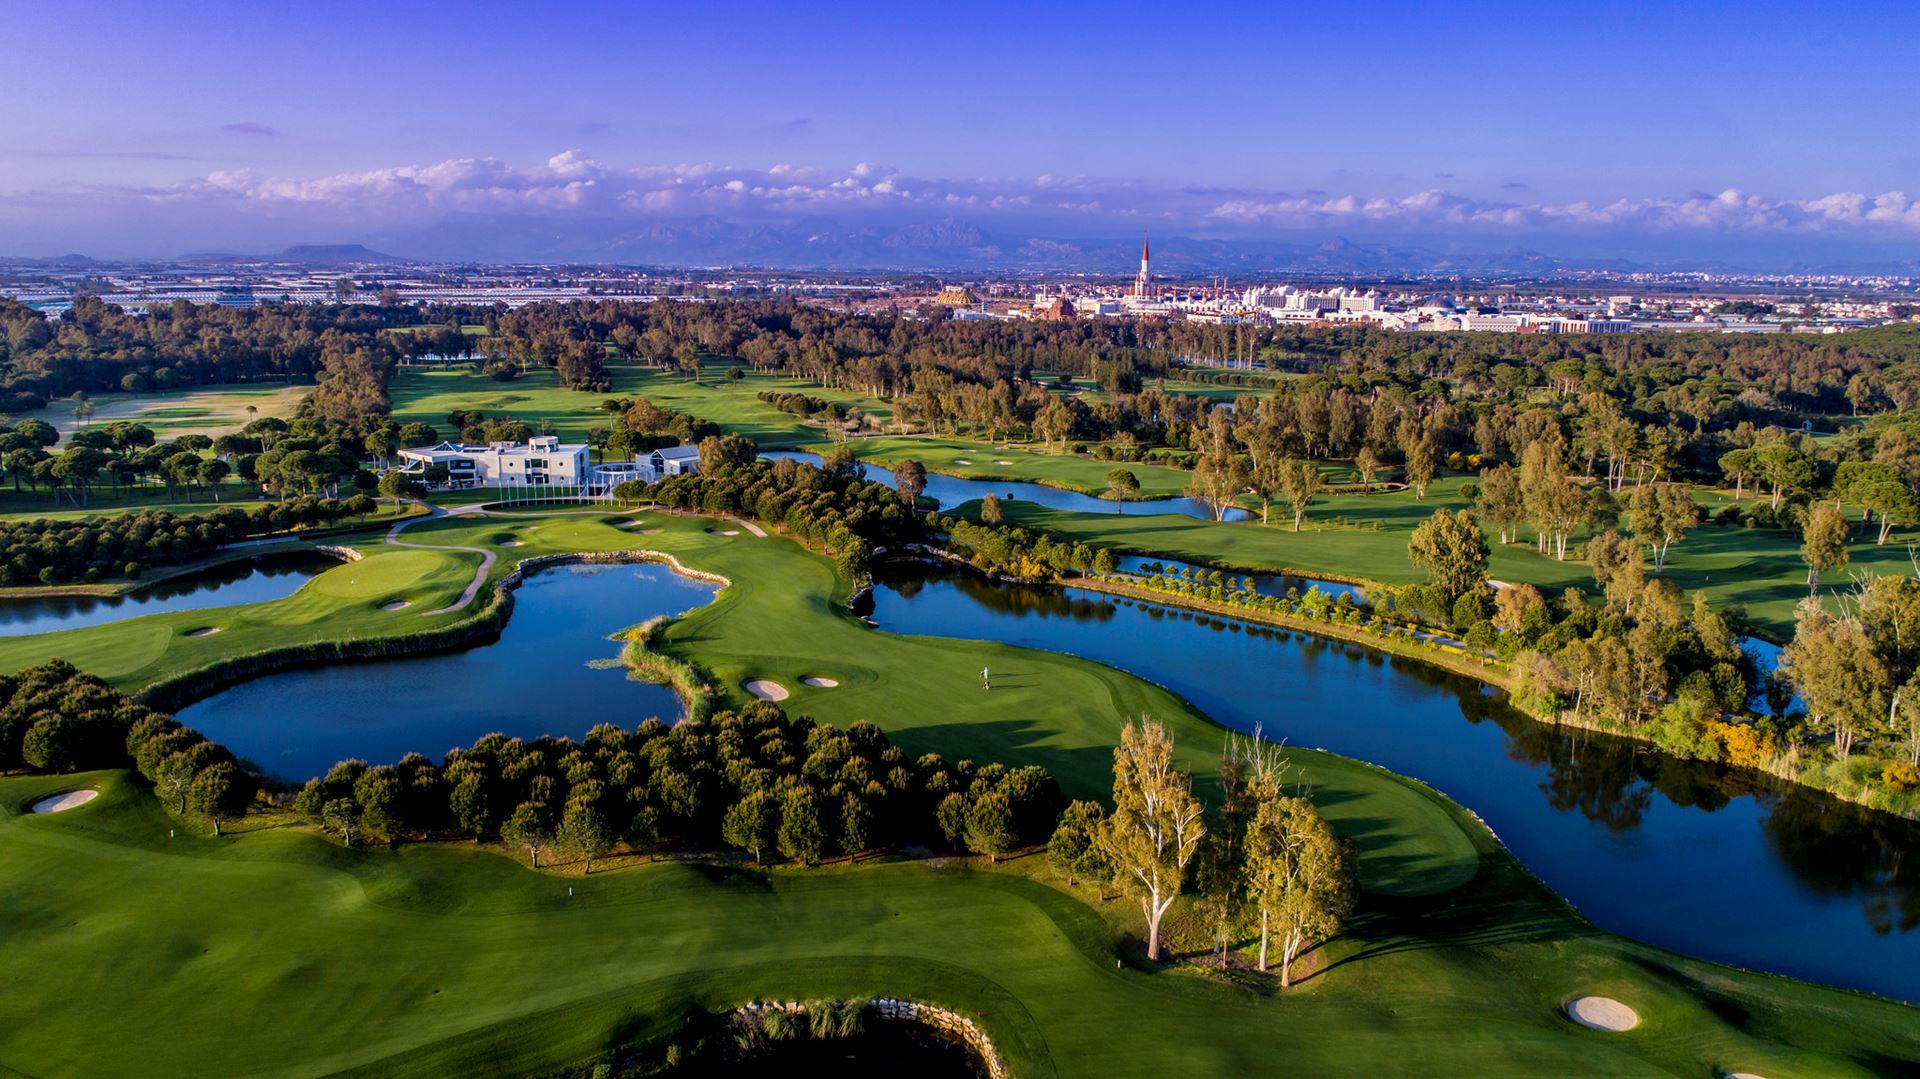 Pga National Turkey Antalya Golf Club Belek Tyrkiet Golfersglobe